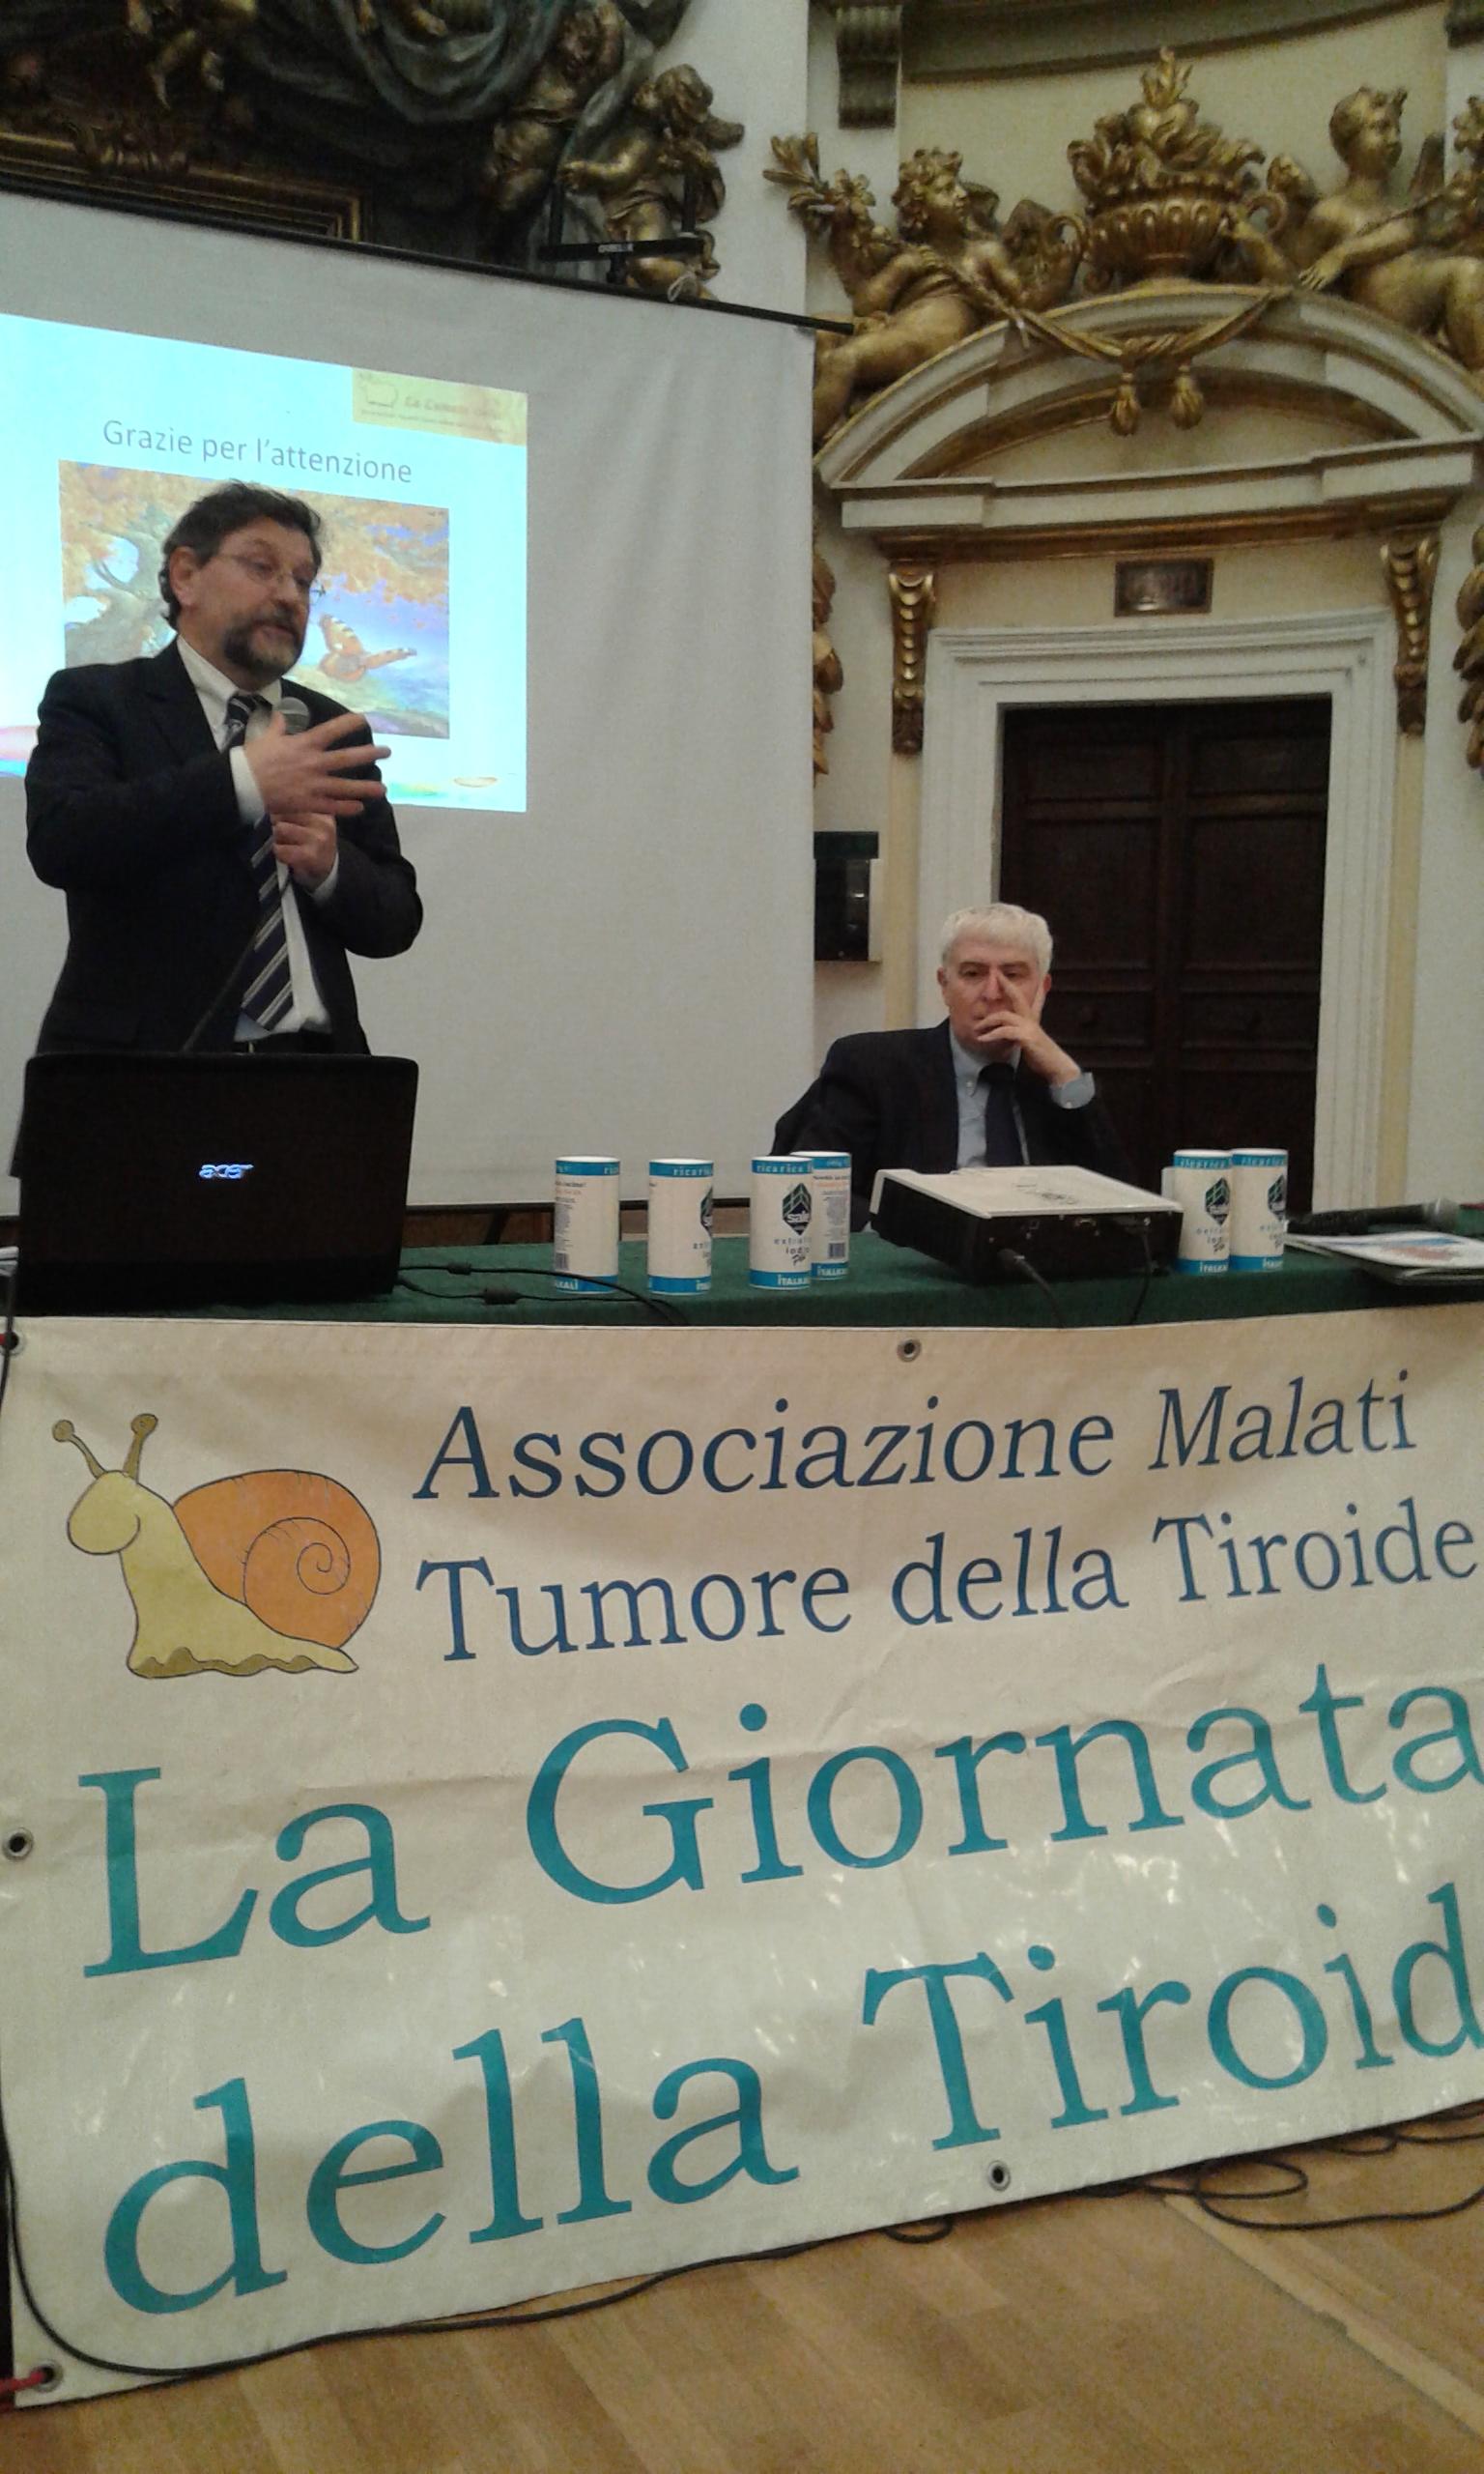 Attività dell'associazione La Lumaca ONLUS di Perugia per la settimana Mondialle della Tiroide 2016